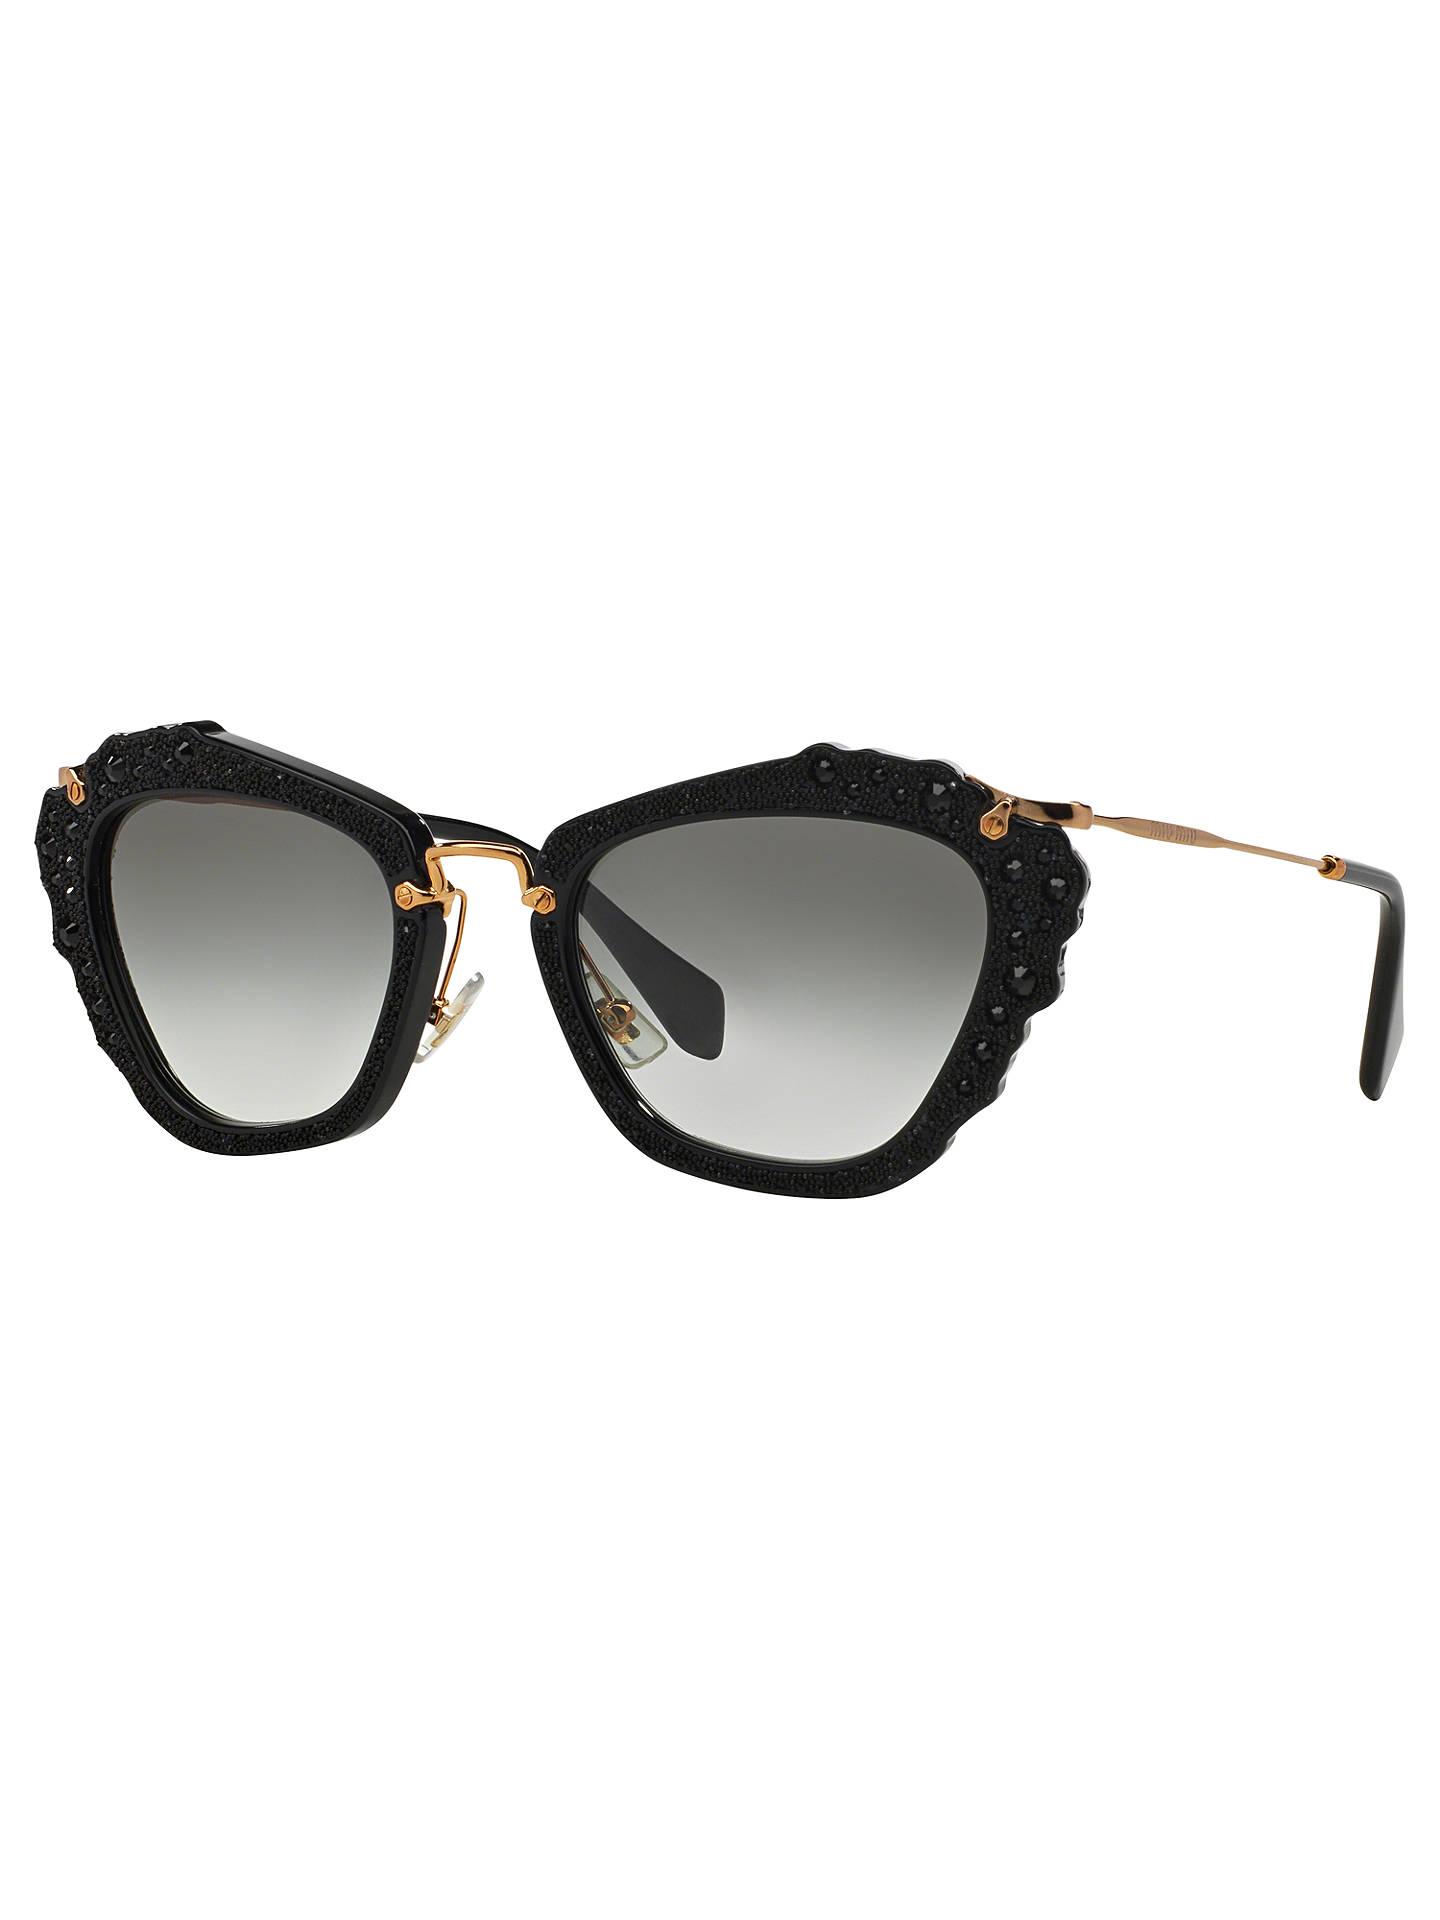 d1c43faad12b Buy Miu Miu MU04QS Cat s Eye Sunglasses